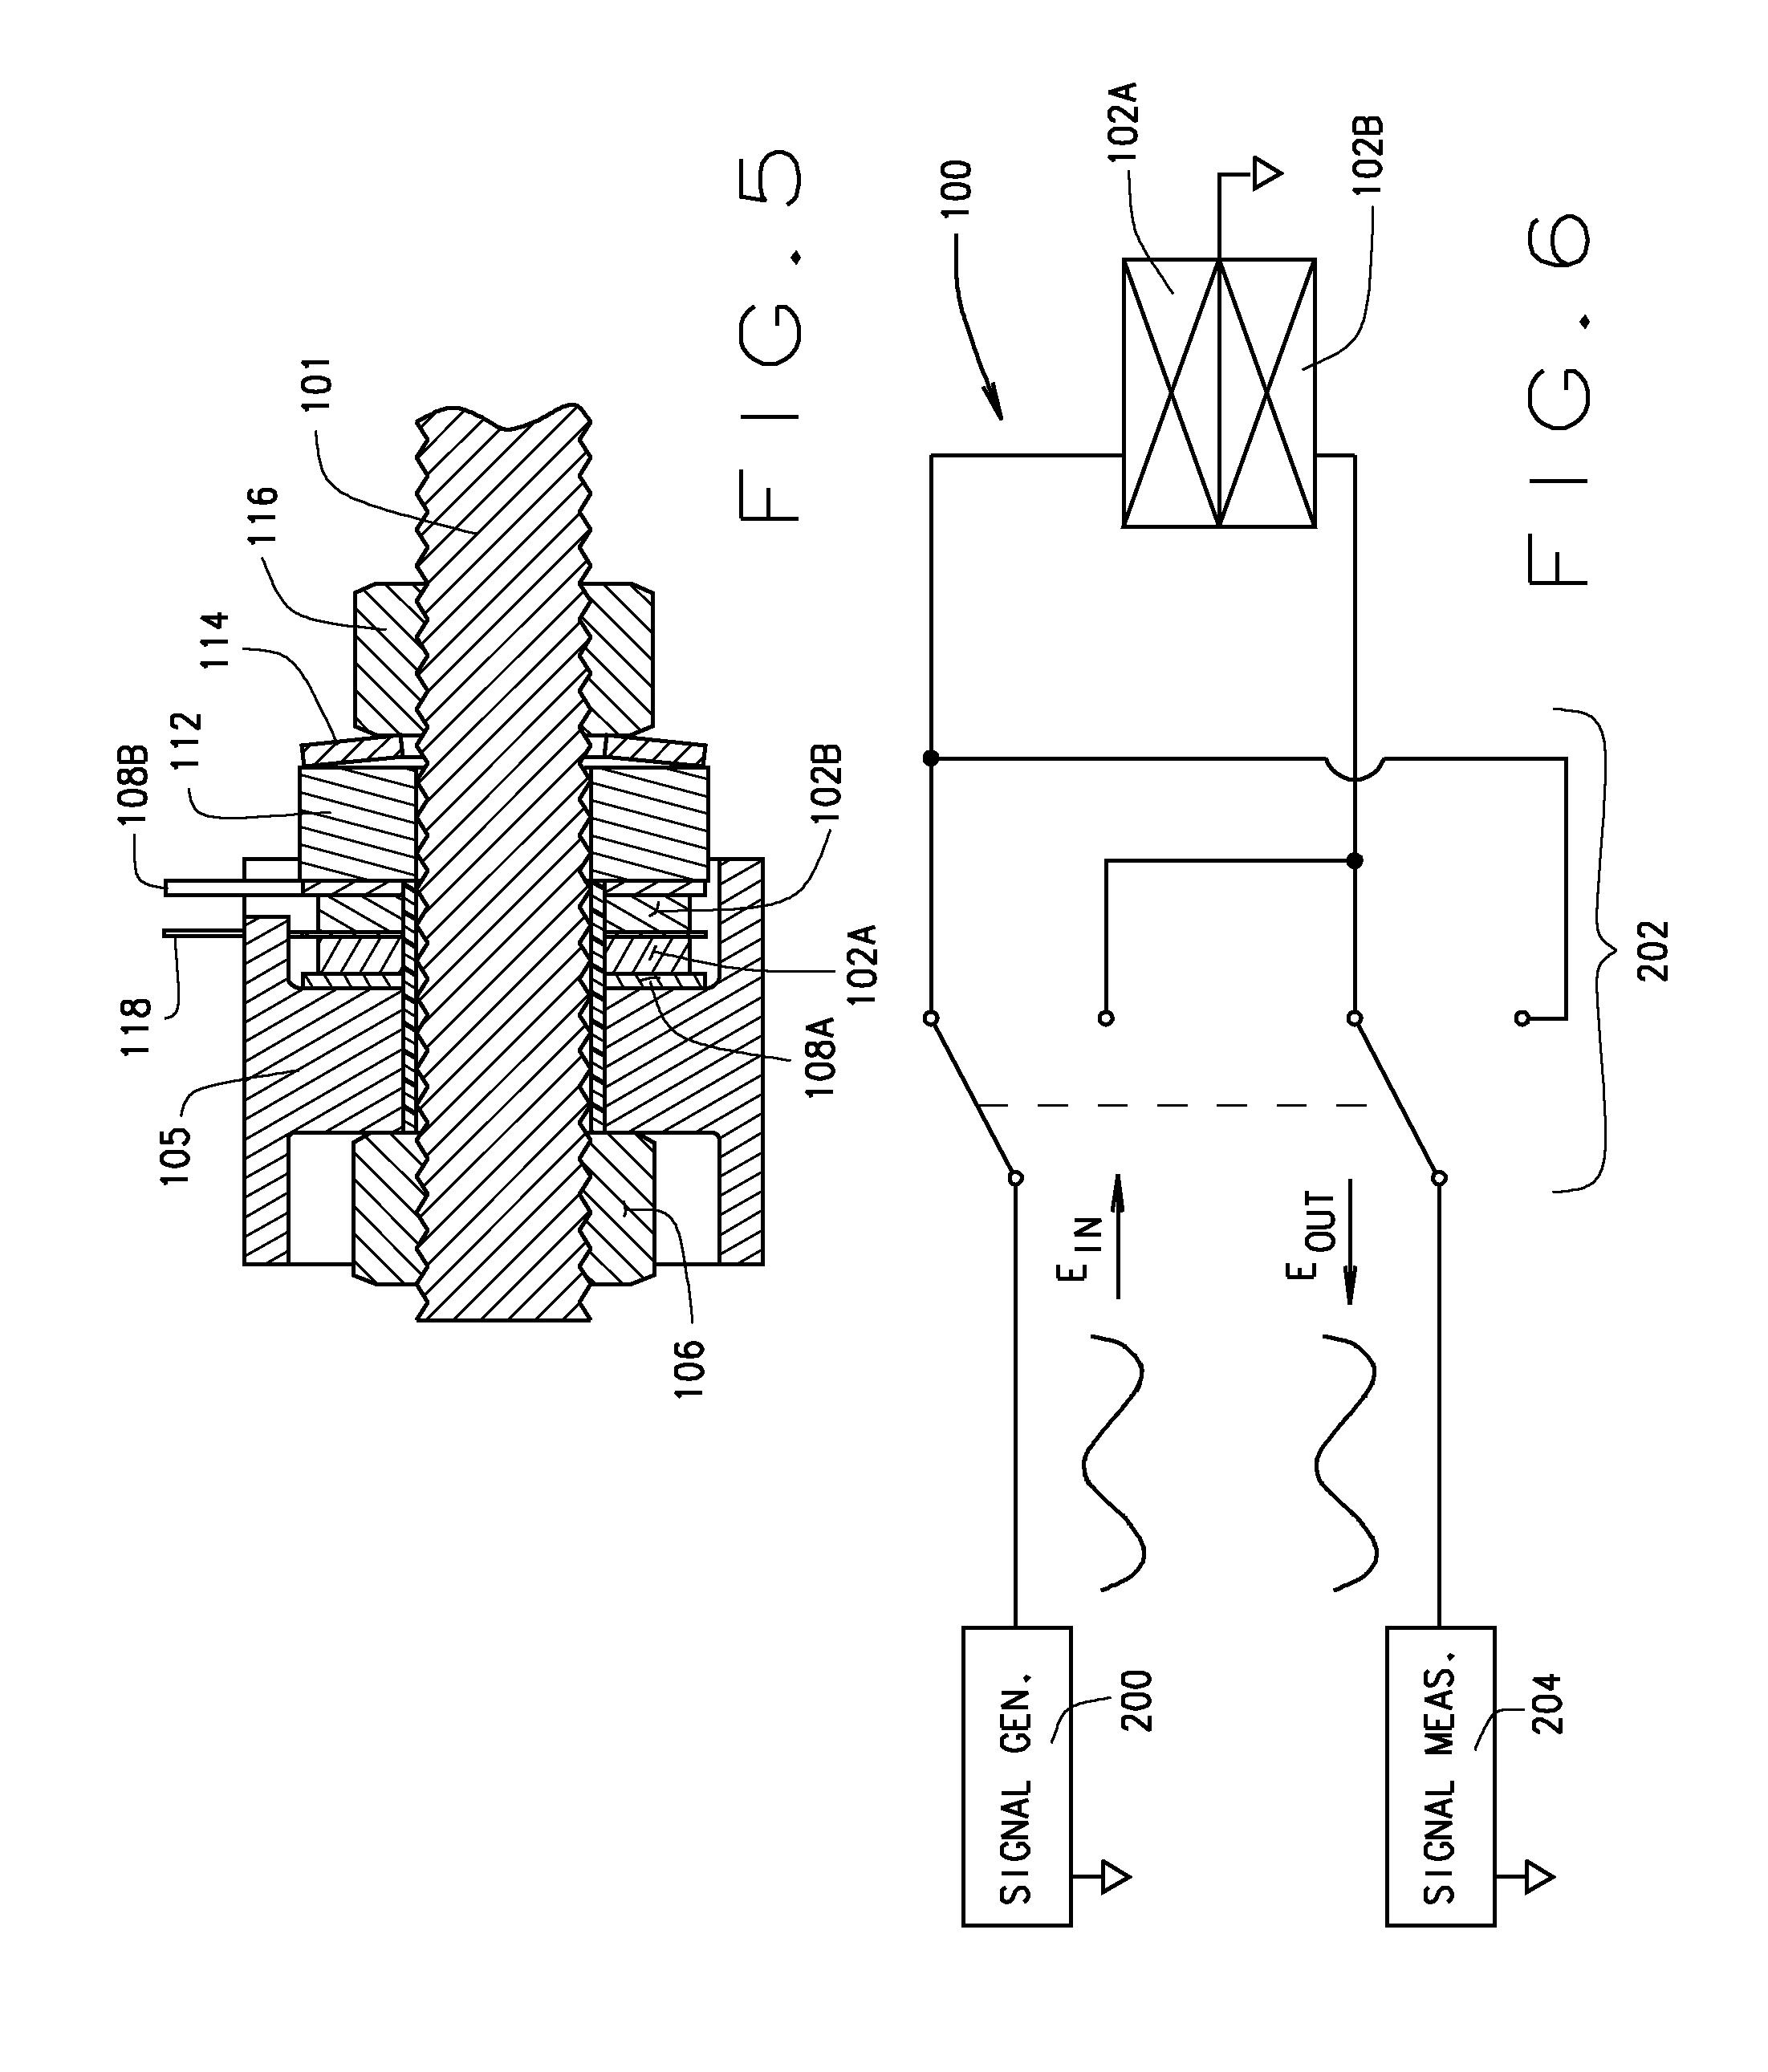 patent us20110270564